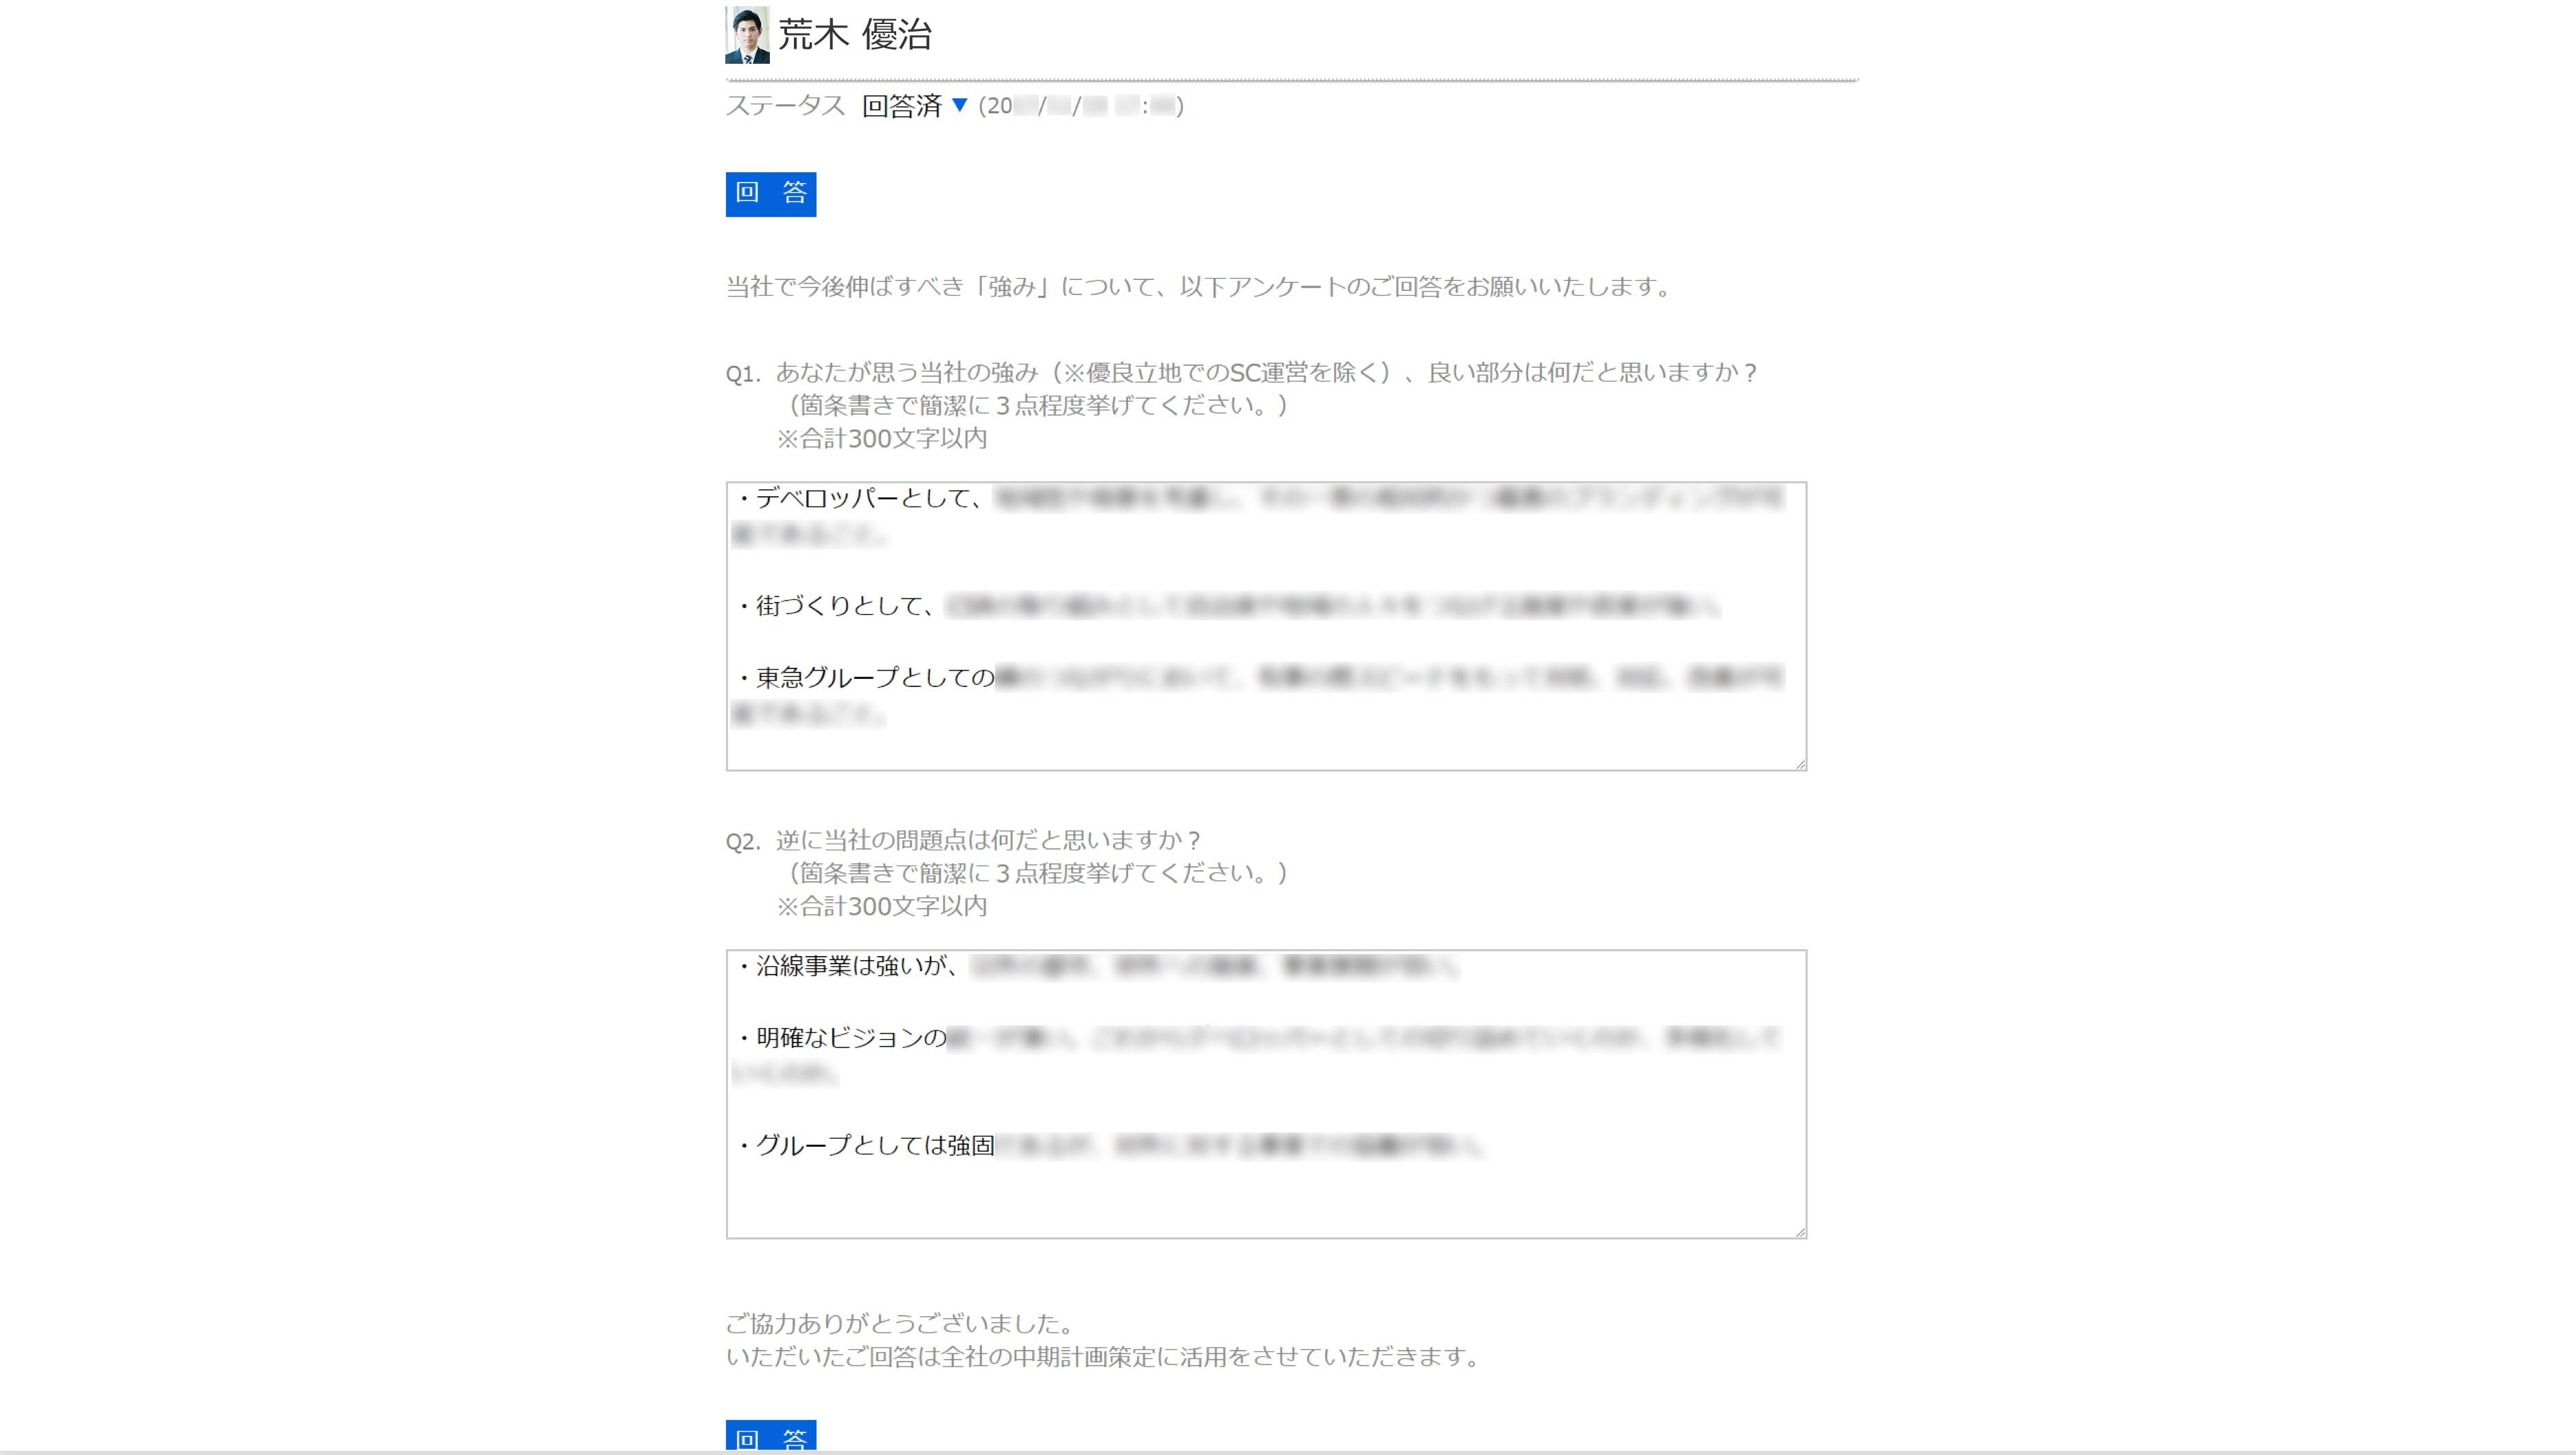 株式会社 東急モールズデベロップメント